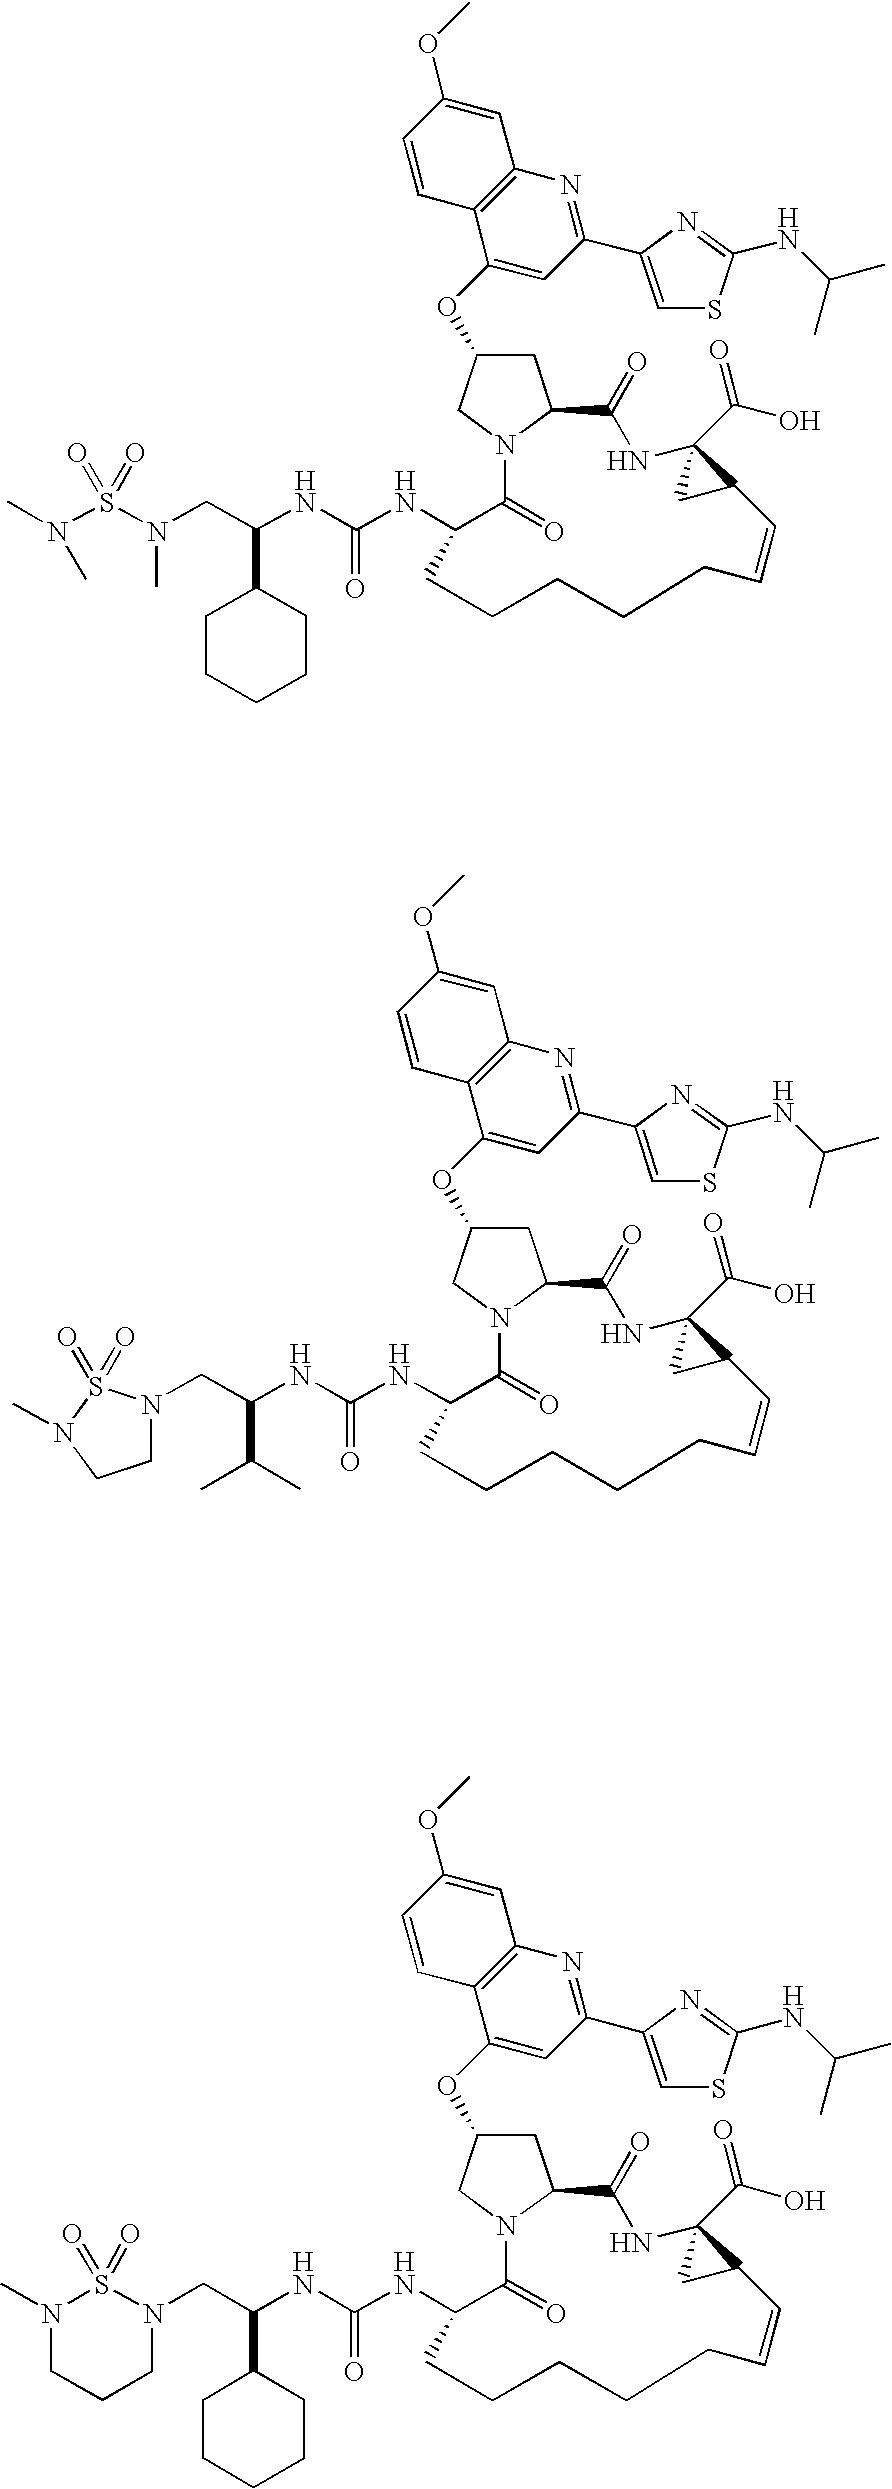 Figure US20060287248A1-20061221-C00173